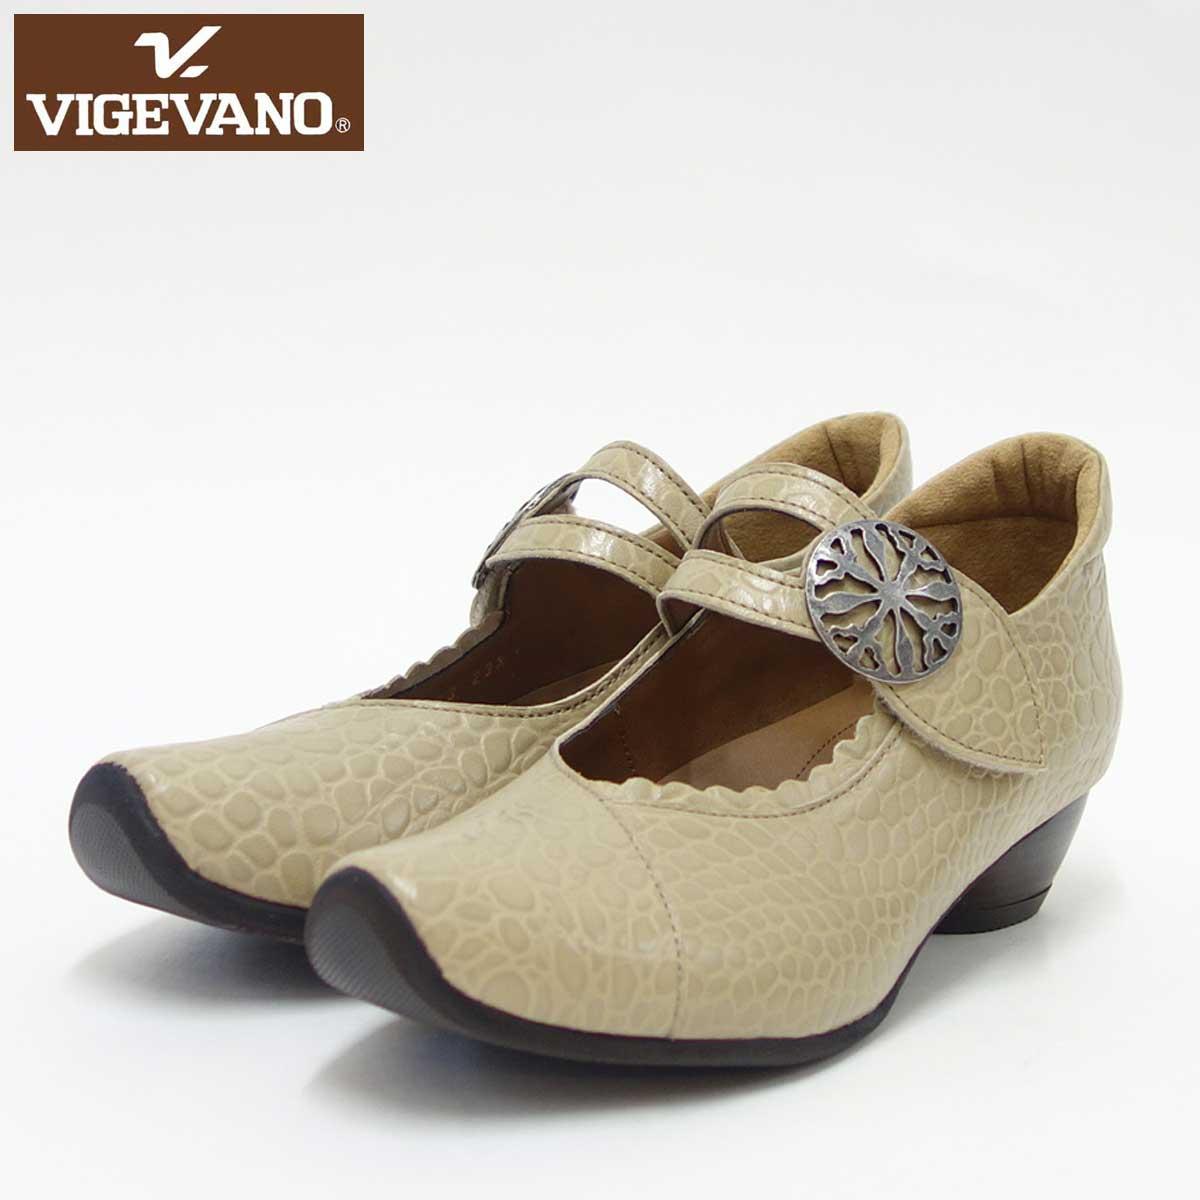 VIGEVANO ビジェバノ 7003 オーク(日本製)ゆったりEEEE ストラップパンプス上質な天然皮革が優しく包み込みます「靴」 母の日 おすすめ ギフト